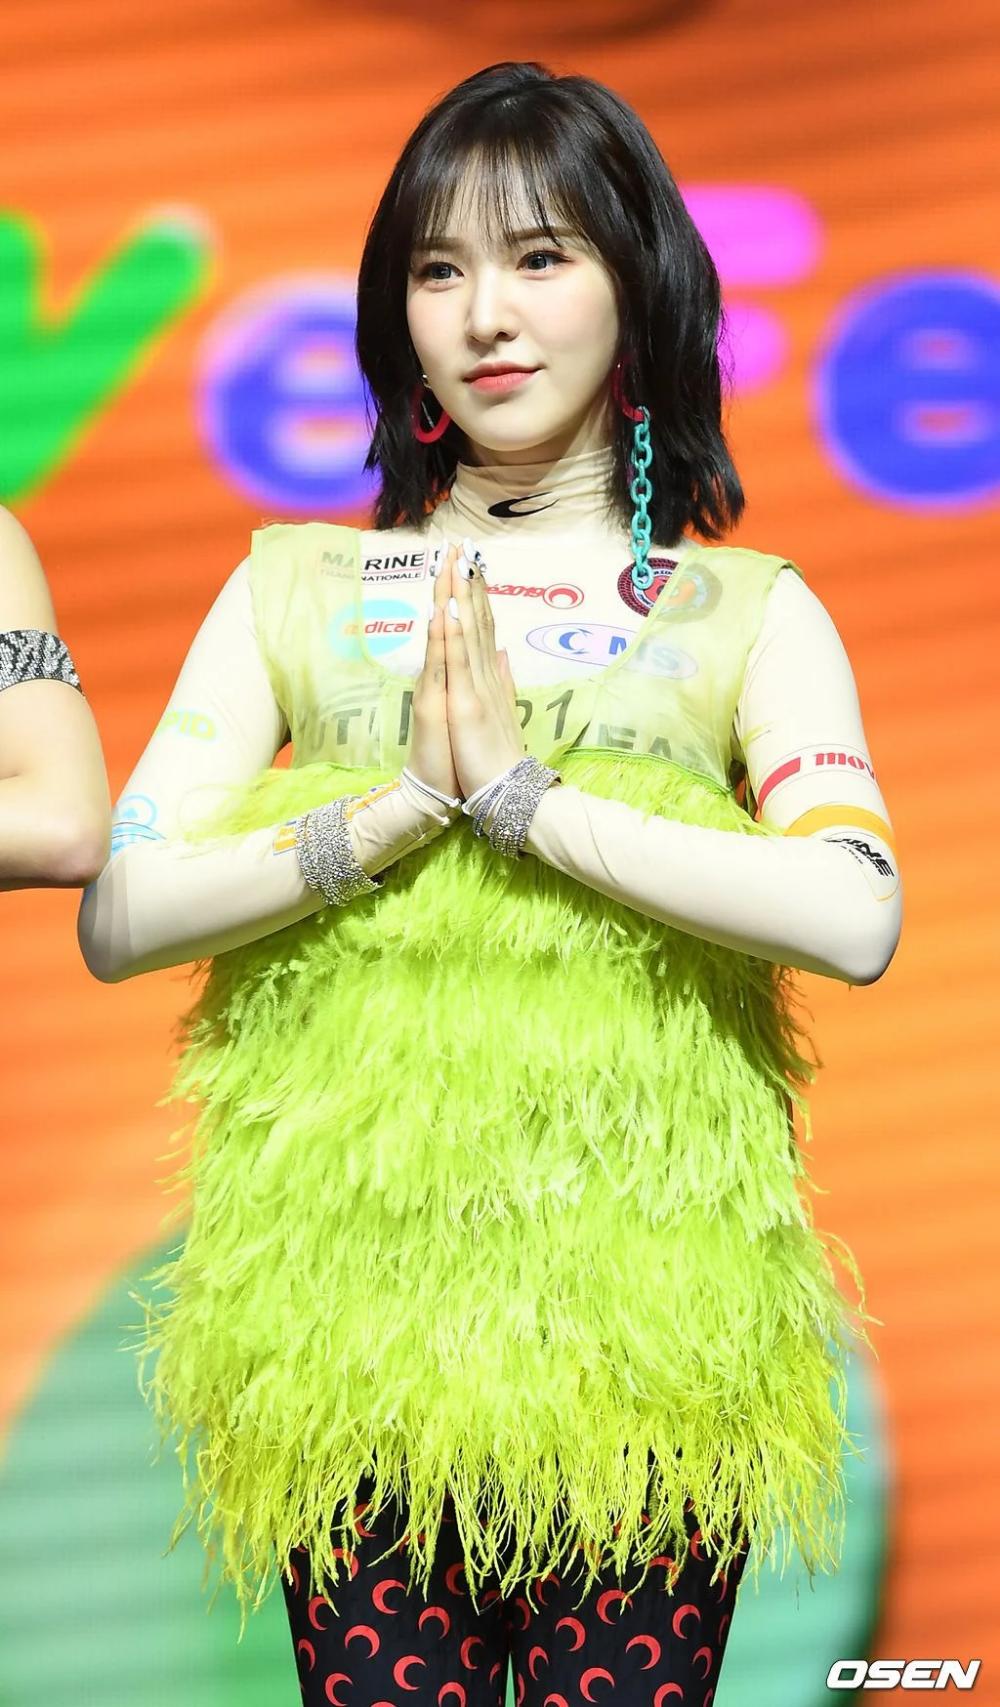 Idol Hàn cũng có những set đồ đi vào lòng đất, ngoài họ ra chắc không ai trên hành tinh này muốn mặc vậy ra đường - Ảnh 1.